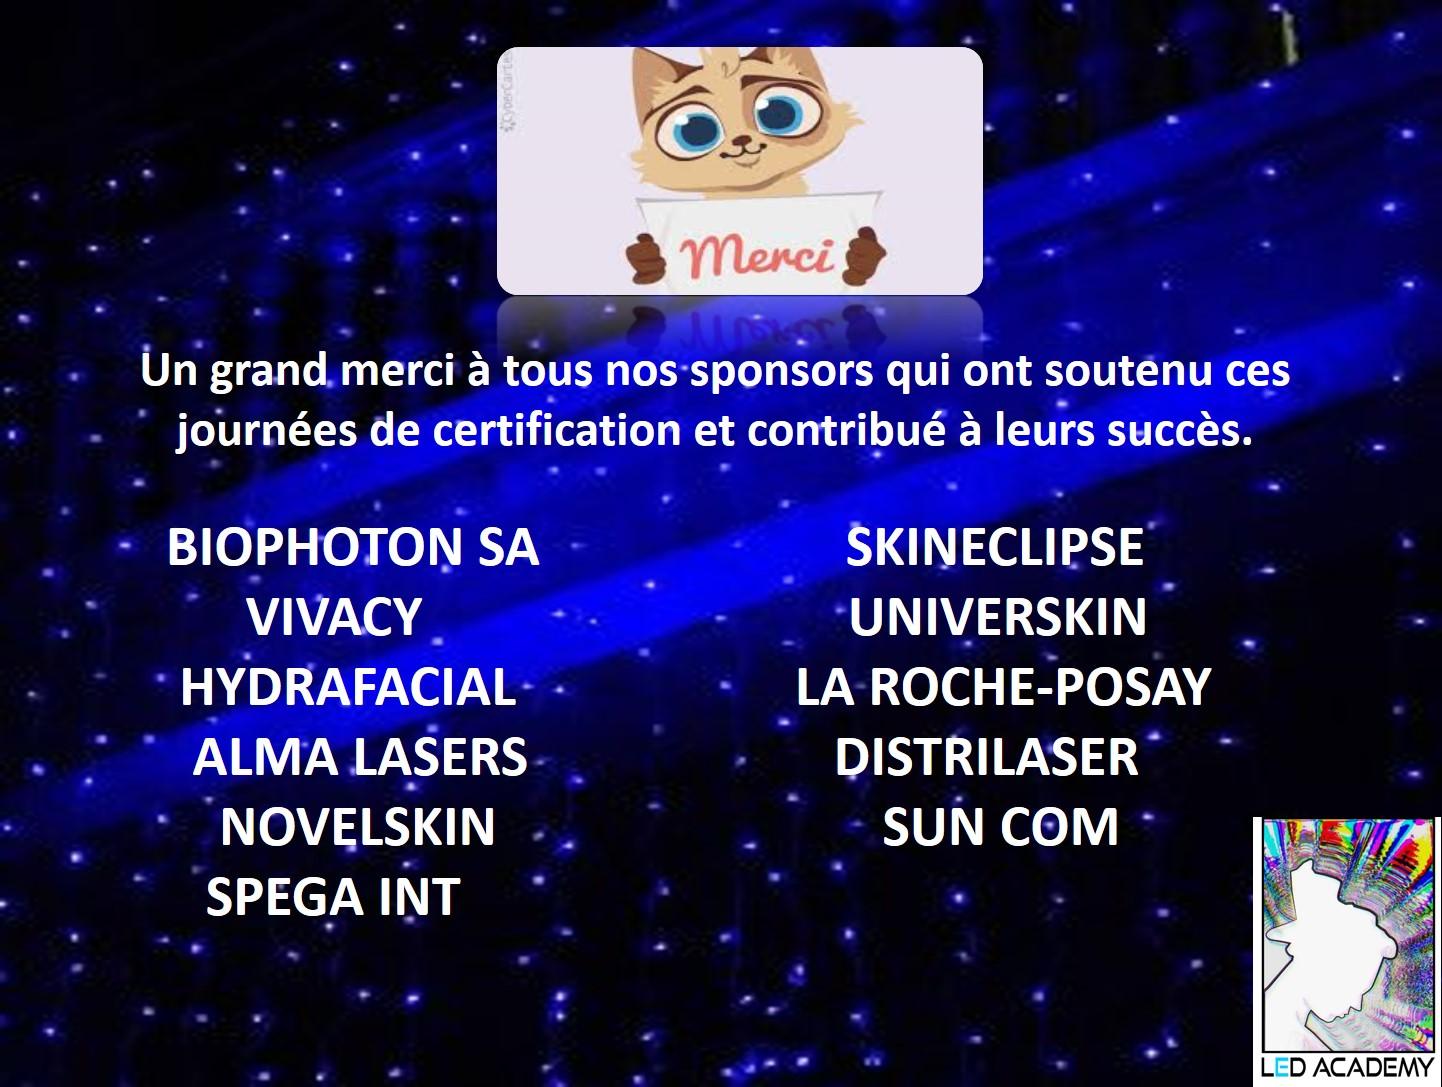 Form Nice sponsors du 12 11